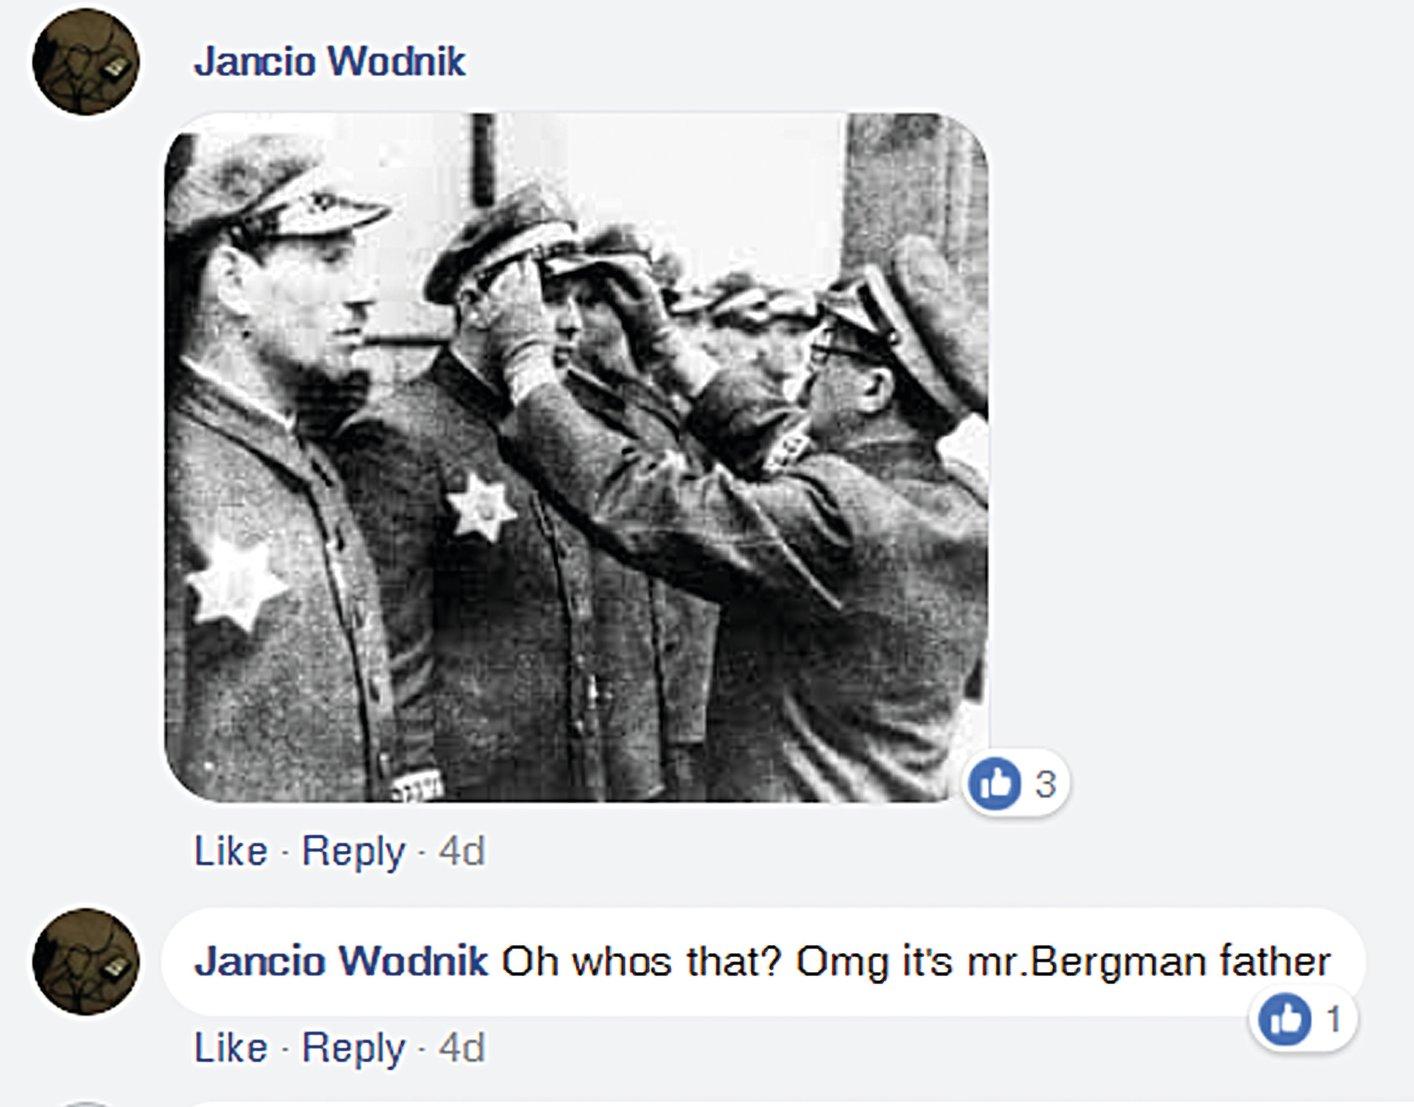 """""""או, מי זה? או מיי גוד, זה אבא של רונן ברגמן"""" - פוסט שטנה שבו נראה קאפו יהודי - כביכול, אביו של רונן ברגמן - מקבל דרגה מהנאצים"""